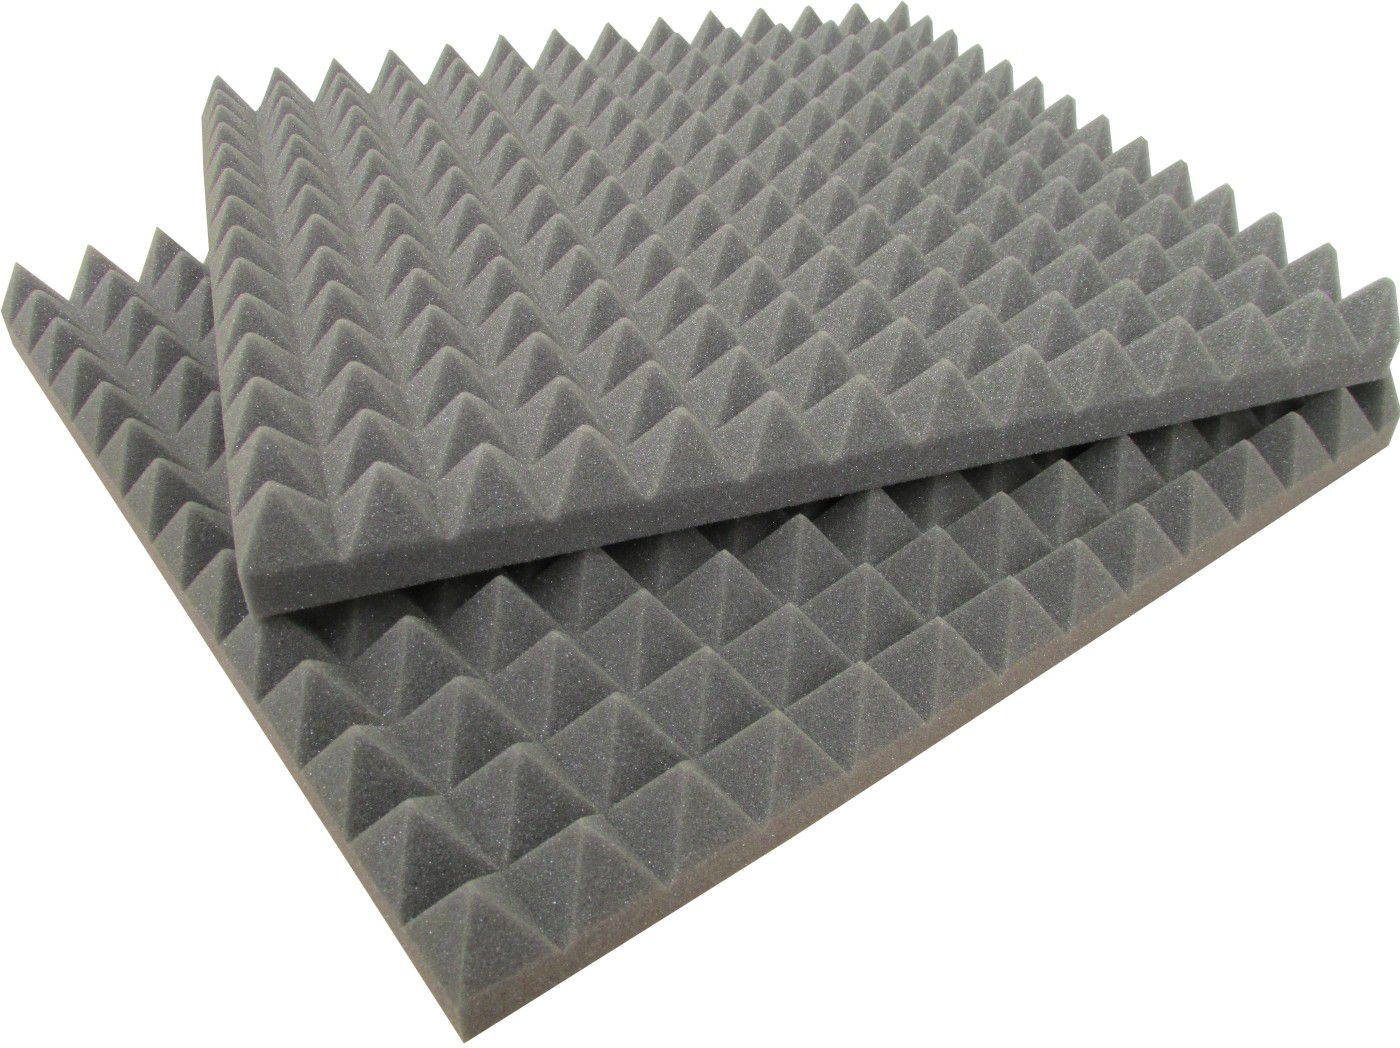 Espuma Acústica - REV - T - Cinza - Kit 4 peças - (1m²)  - Loja SPL Acústica